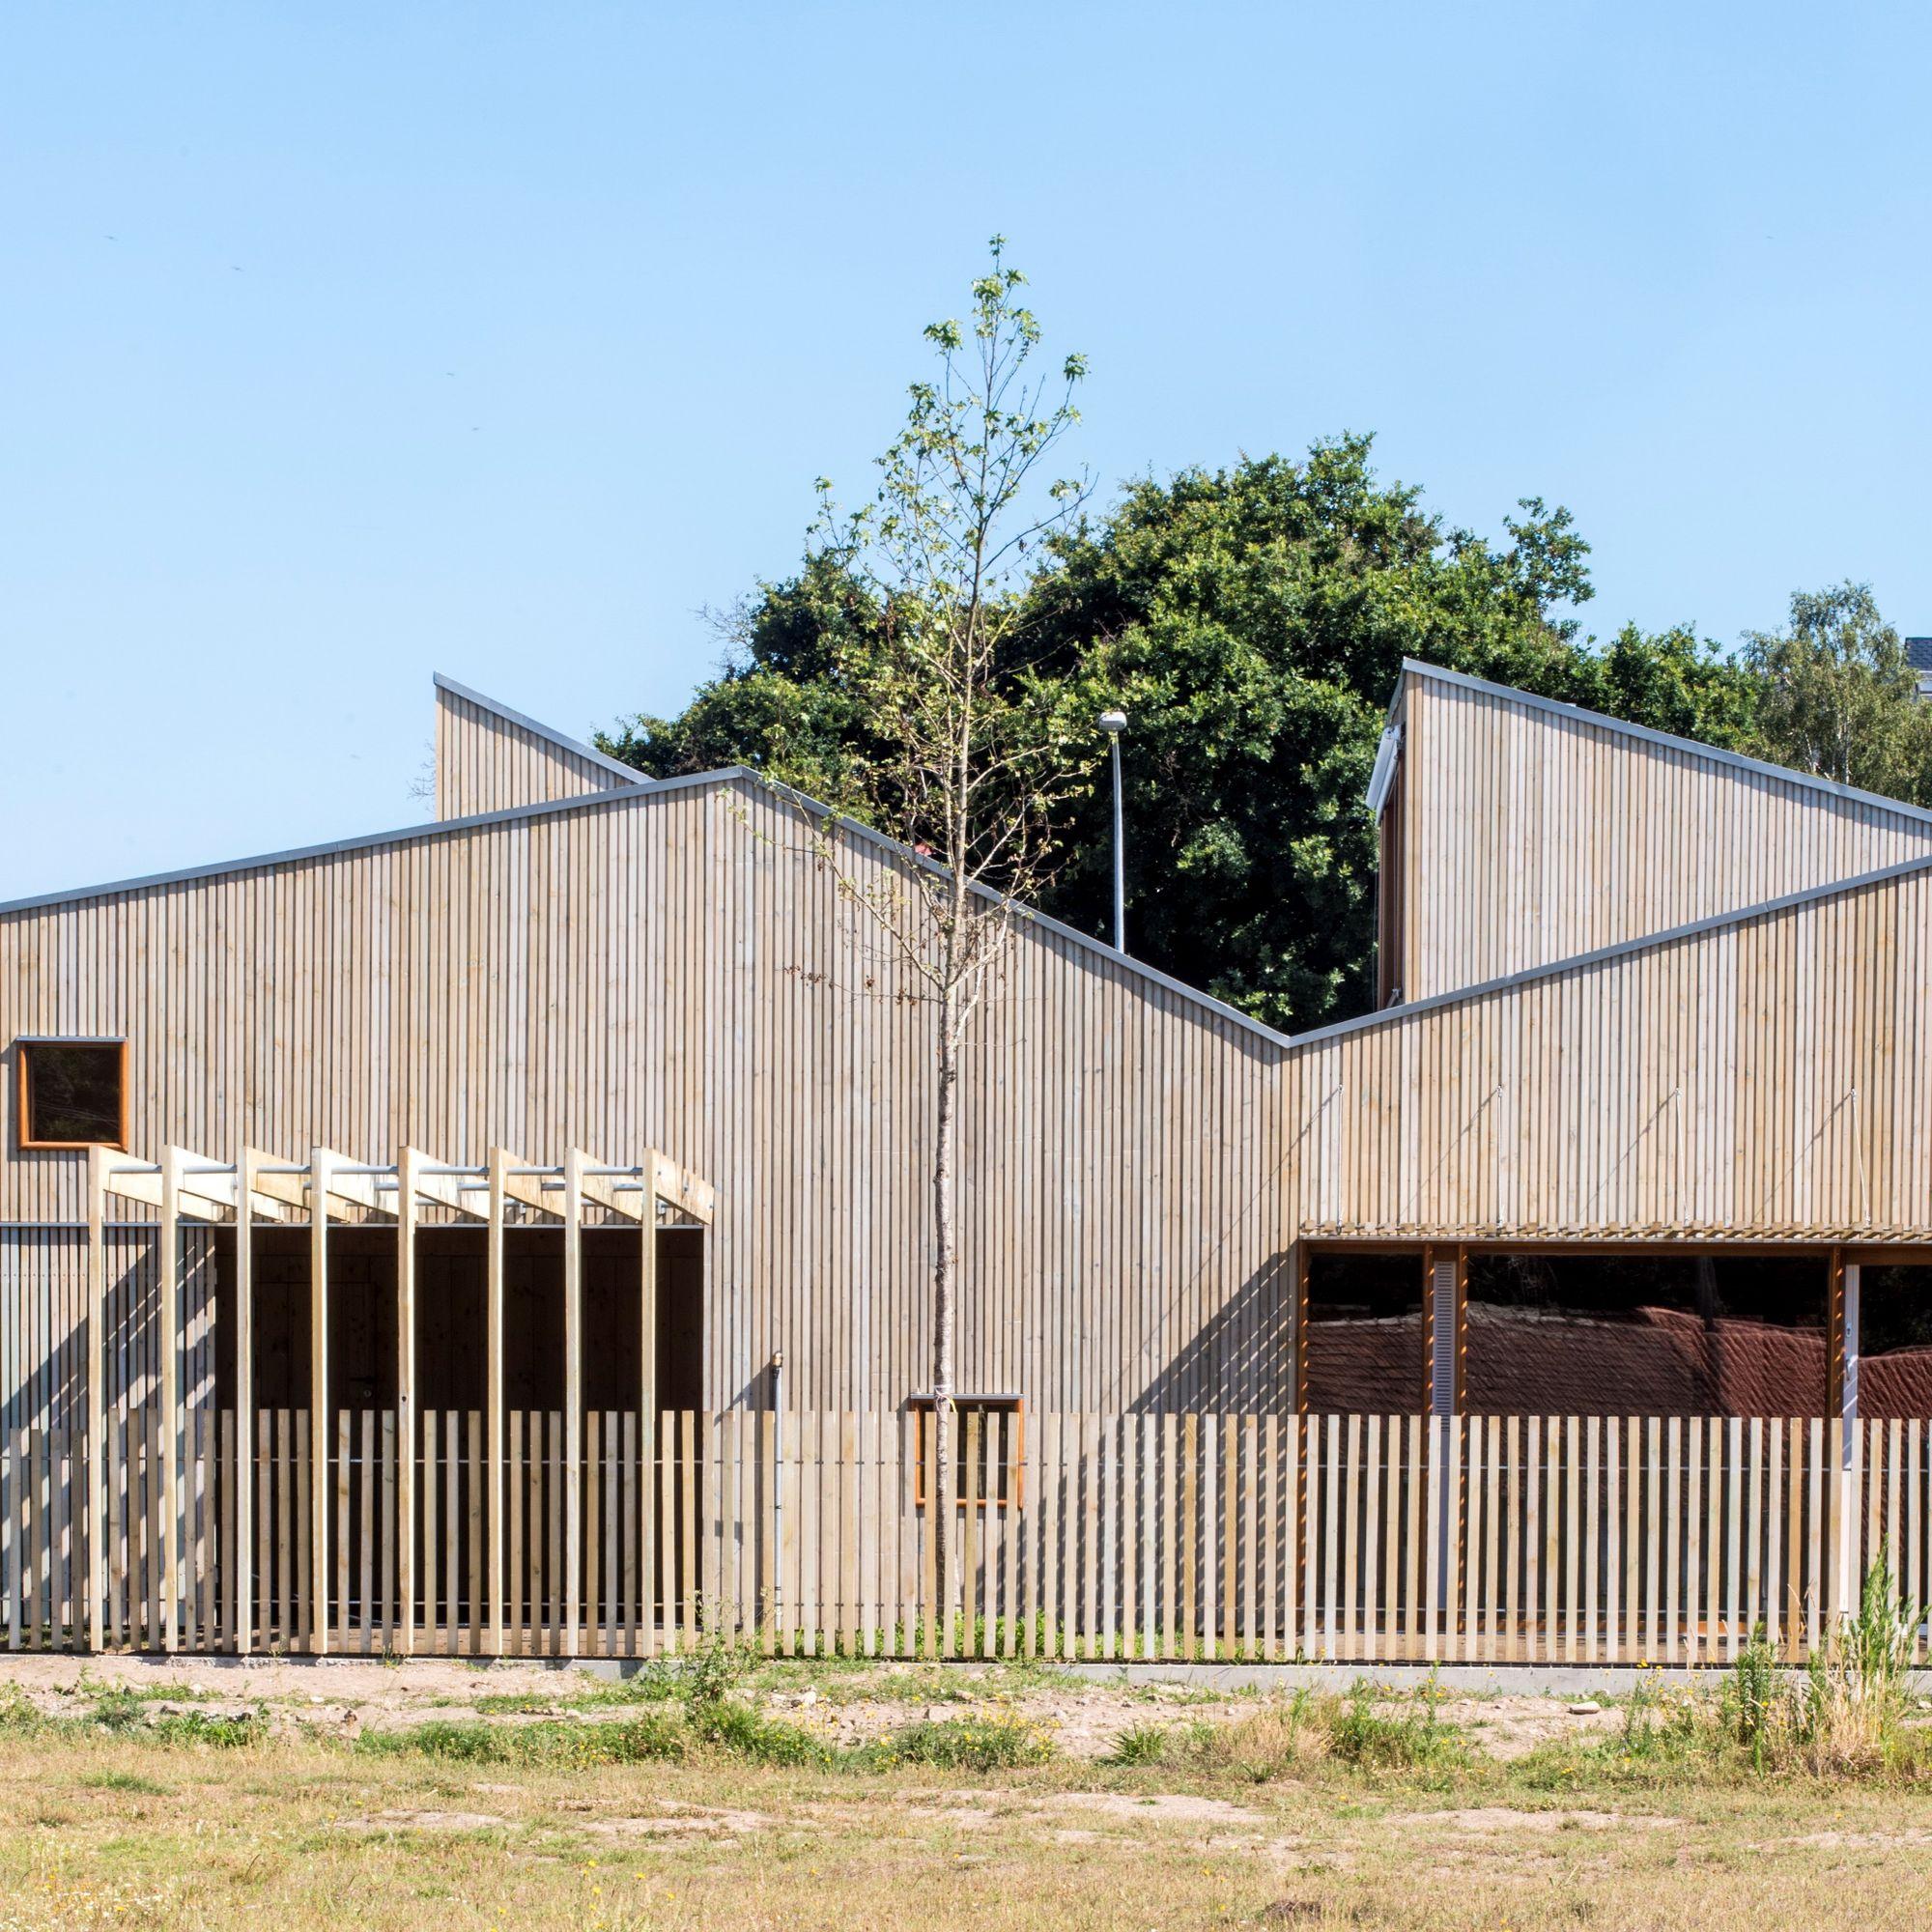 edificio construido en madera